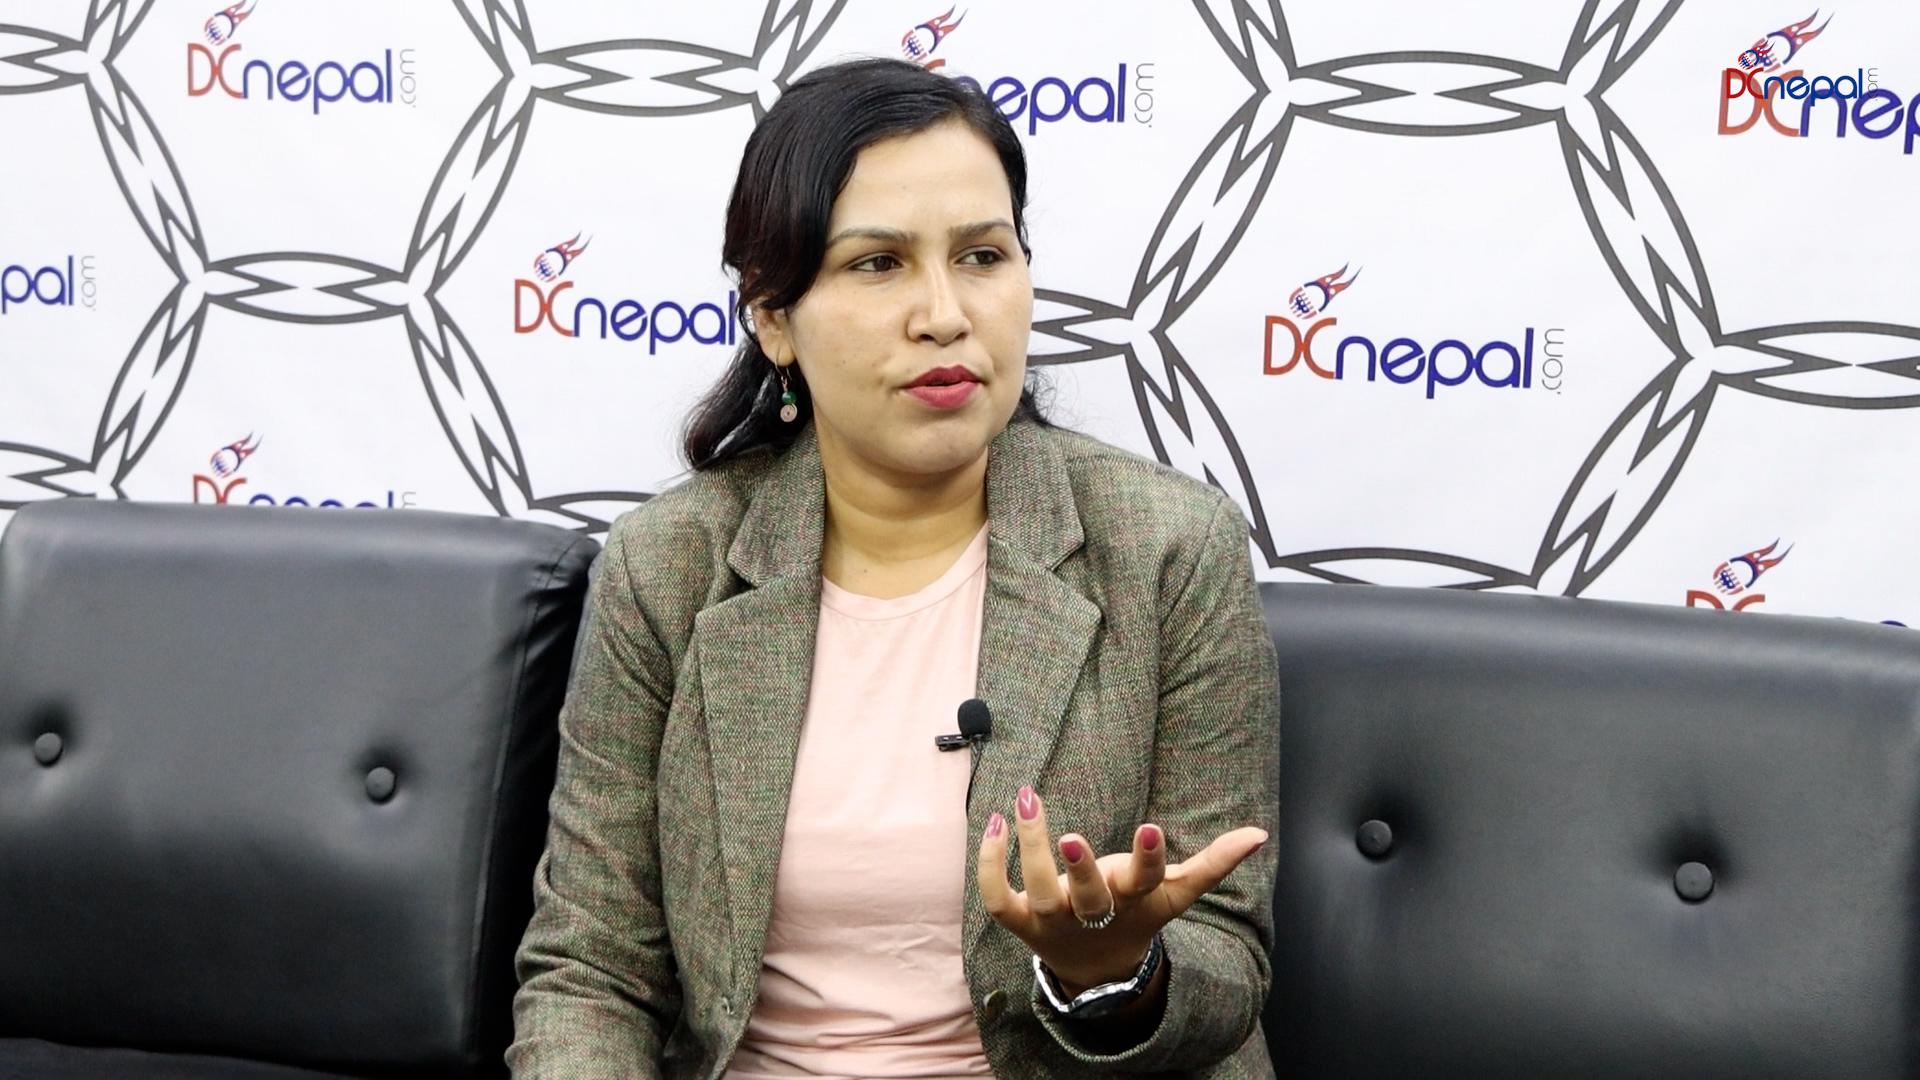 'अनेरास्ववियुको नक्कल गर्नु सुदेश पराजुलीको केटाकेटीपन हो' – सुनिता बराल